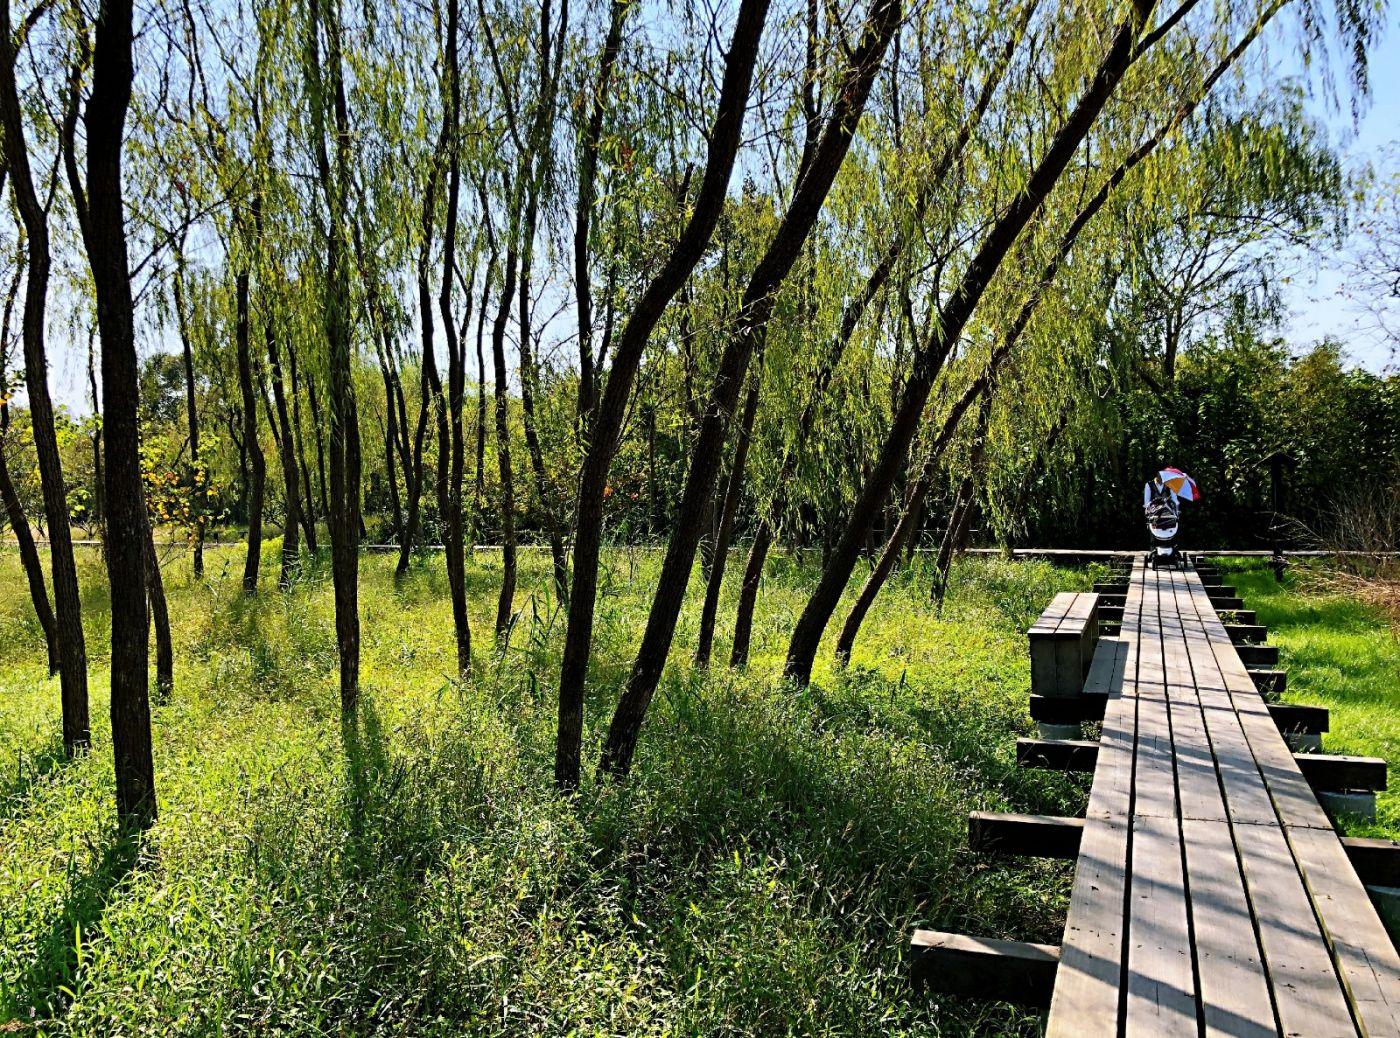 【田螺随拍】西溪湿地、非诚勿扰场景-手机版_图1-13